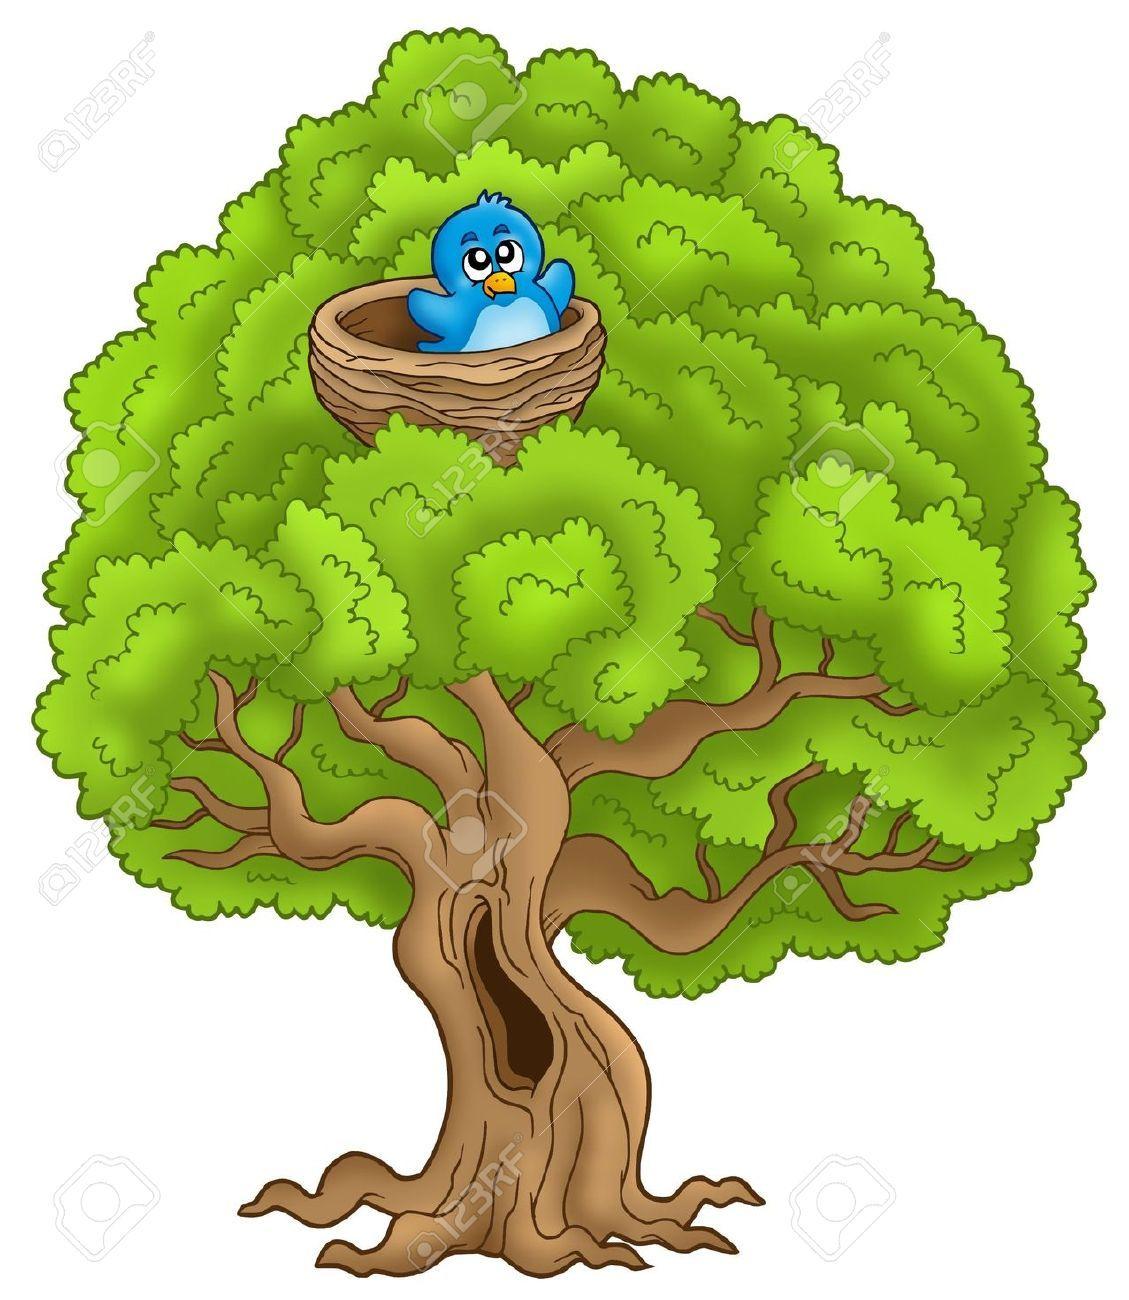 Bird Cartoon Images Bird Cartoon Big Tree With